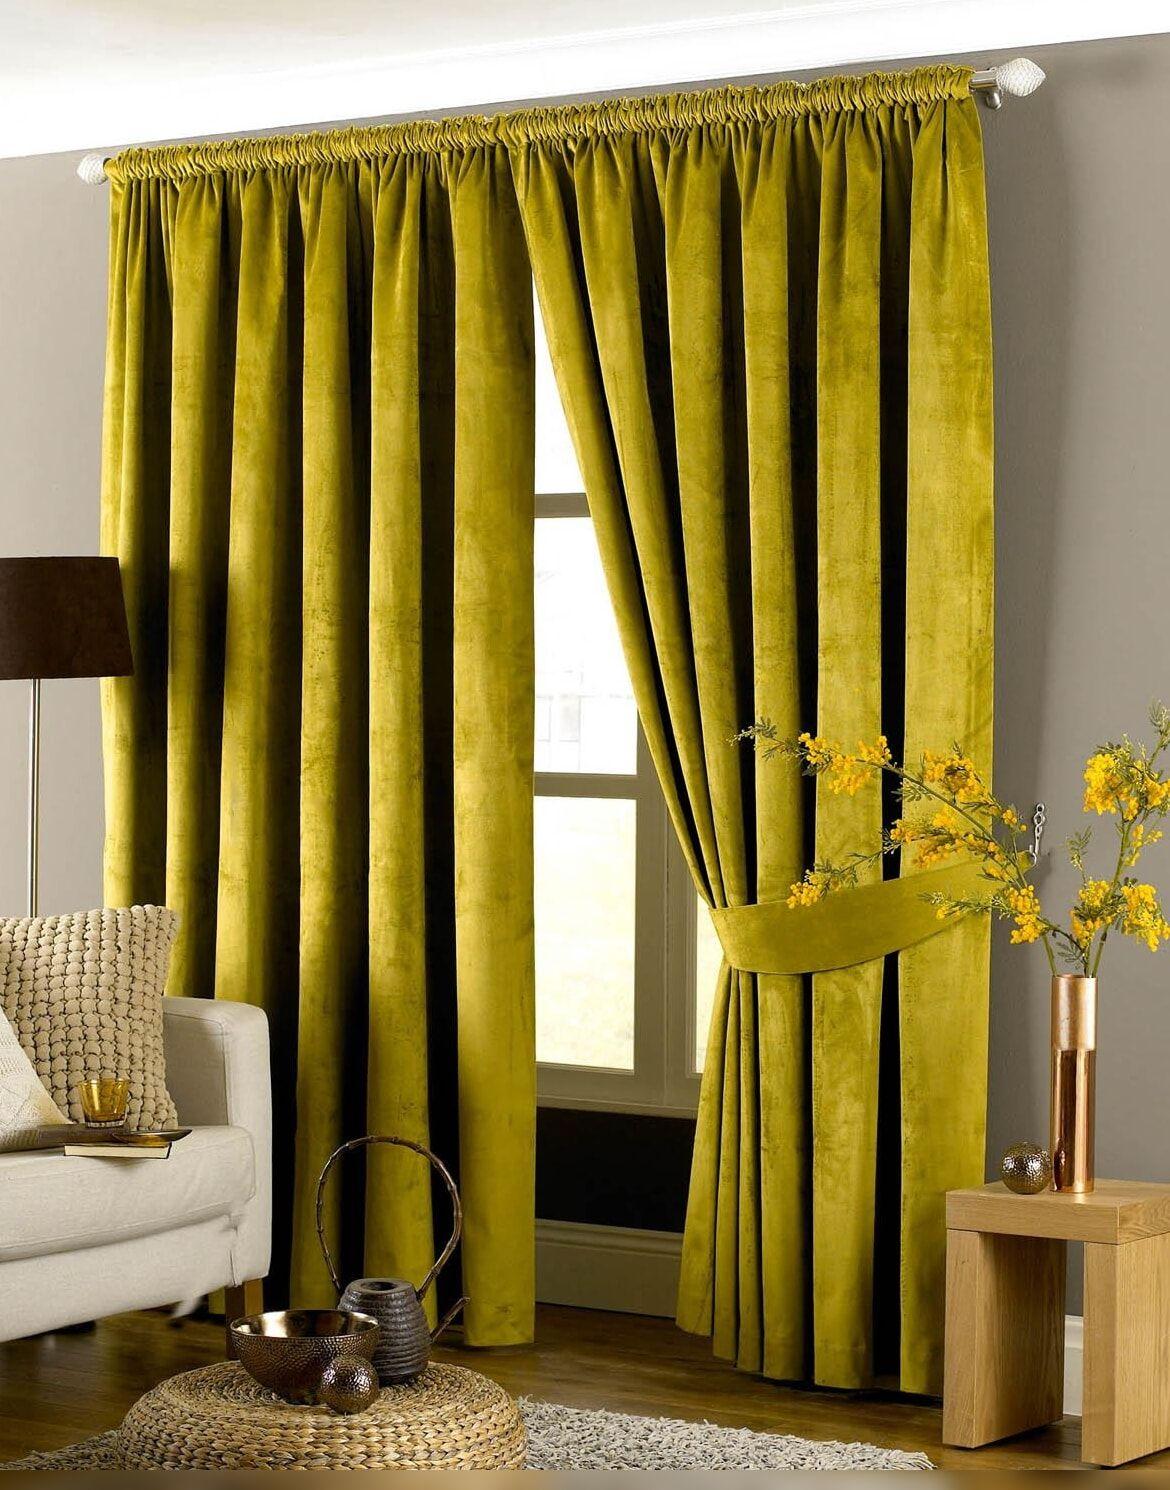 Interior Design Modern Curtains In Next Year 2020